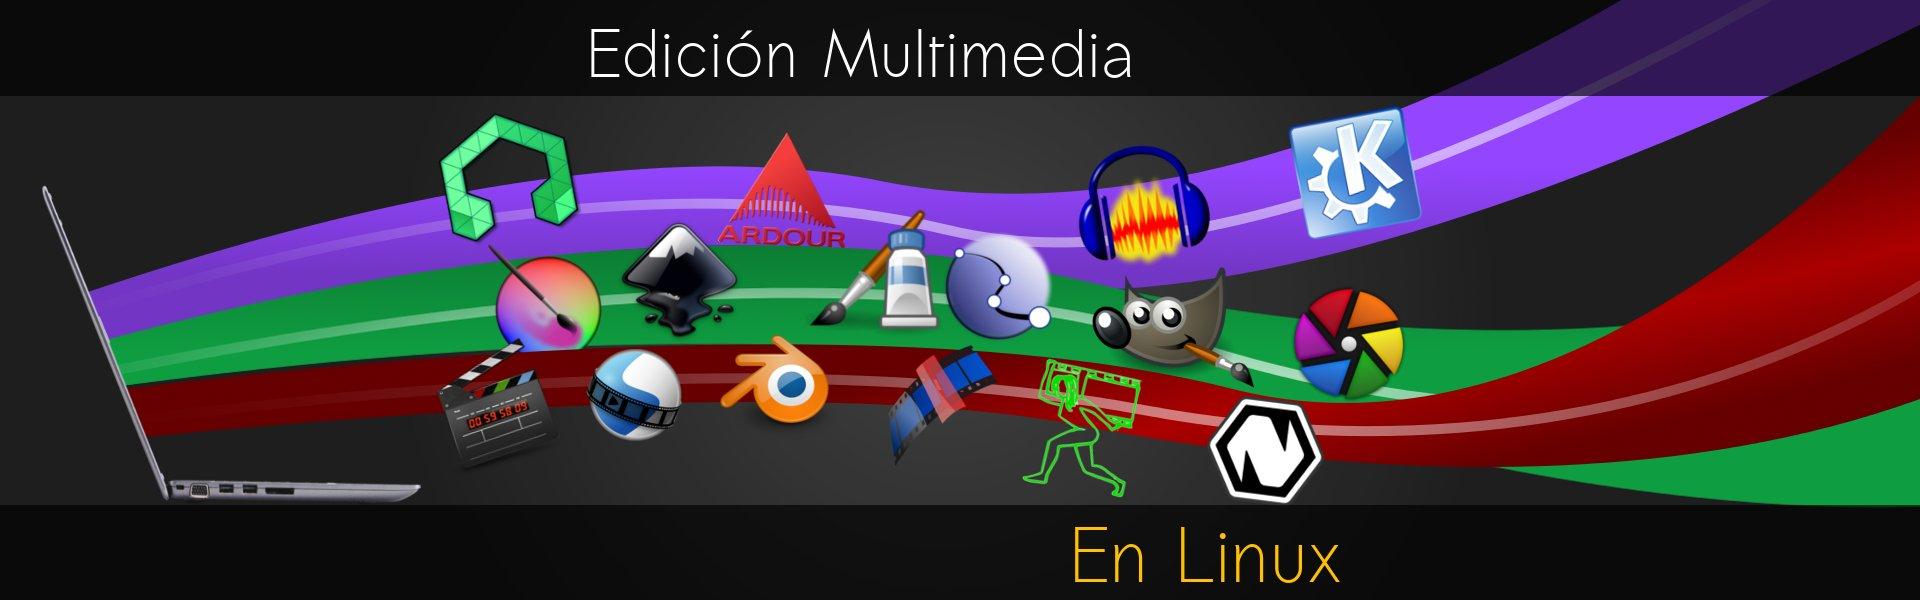 Edición Multimedia en Linux